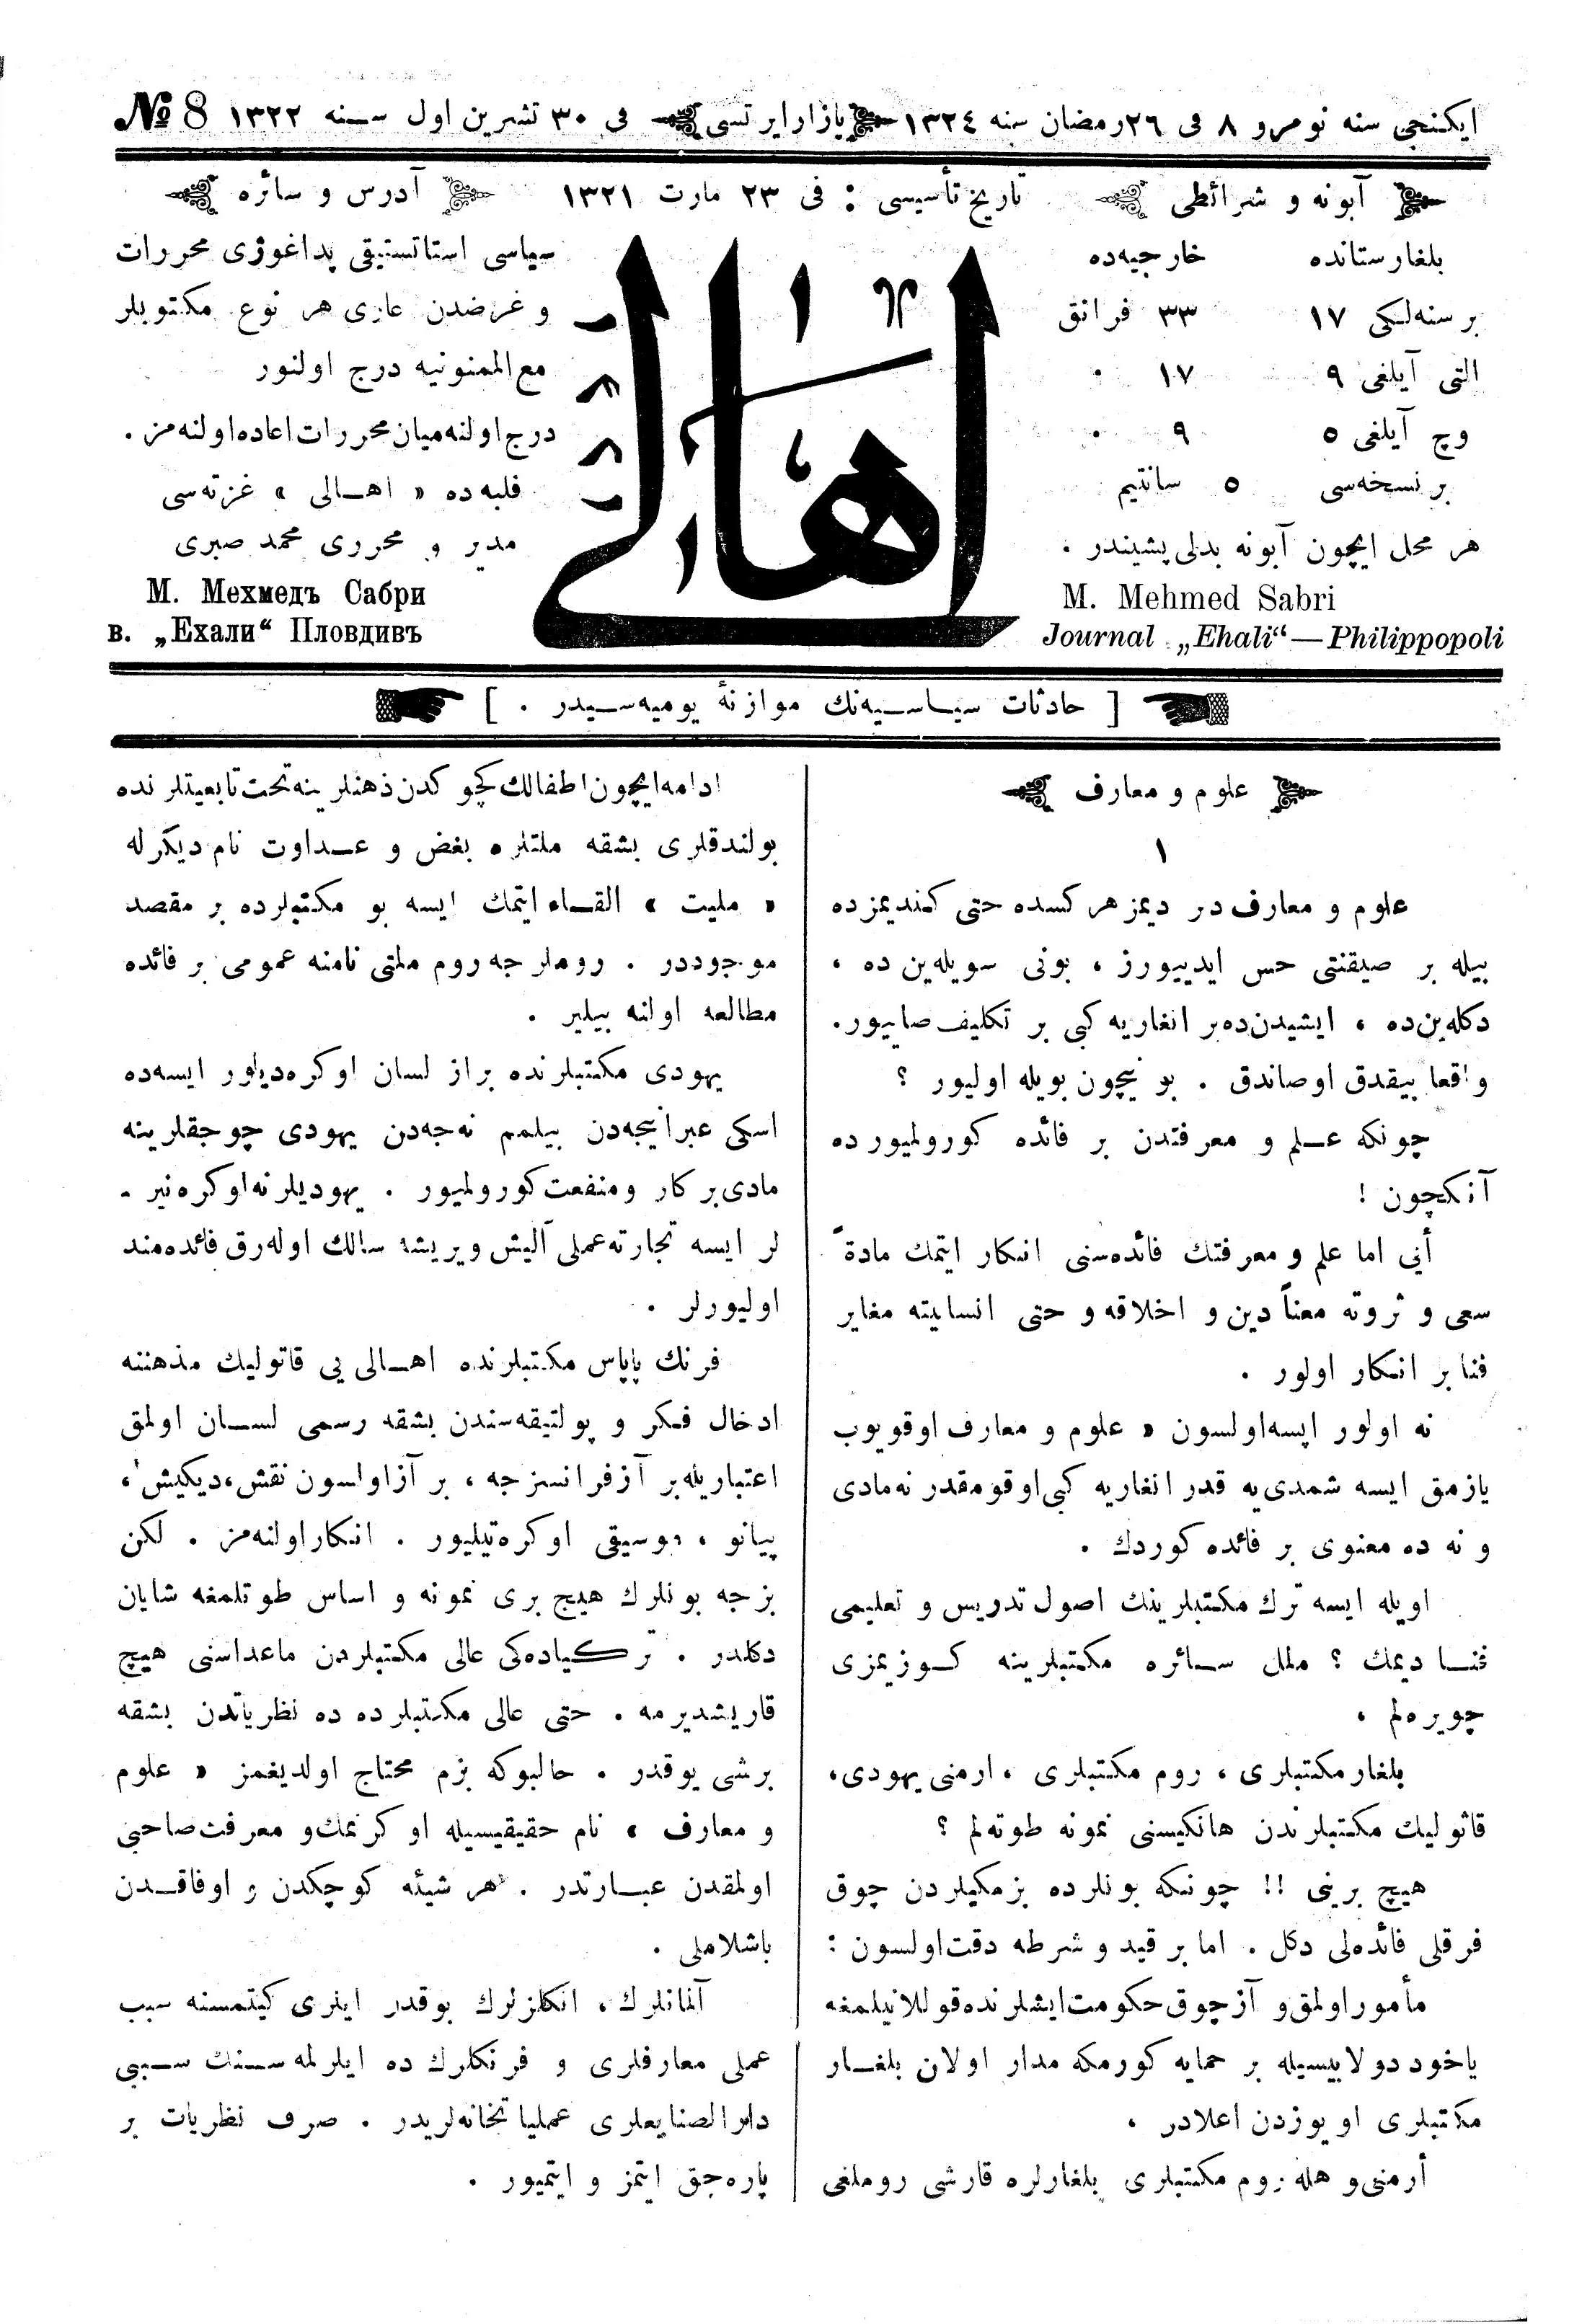 12 Kasım 1906 Tarihli Ahali (Filibe) Gazetesi Sayfa 1